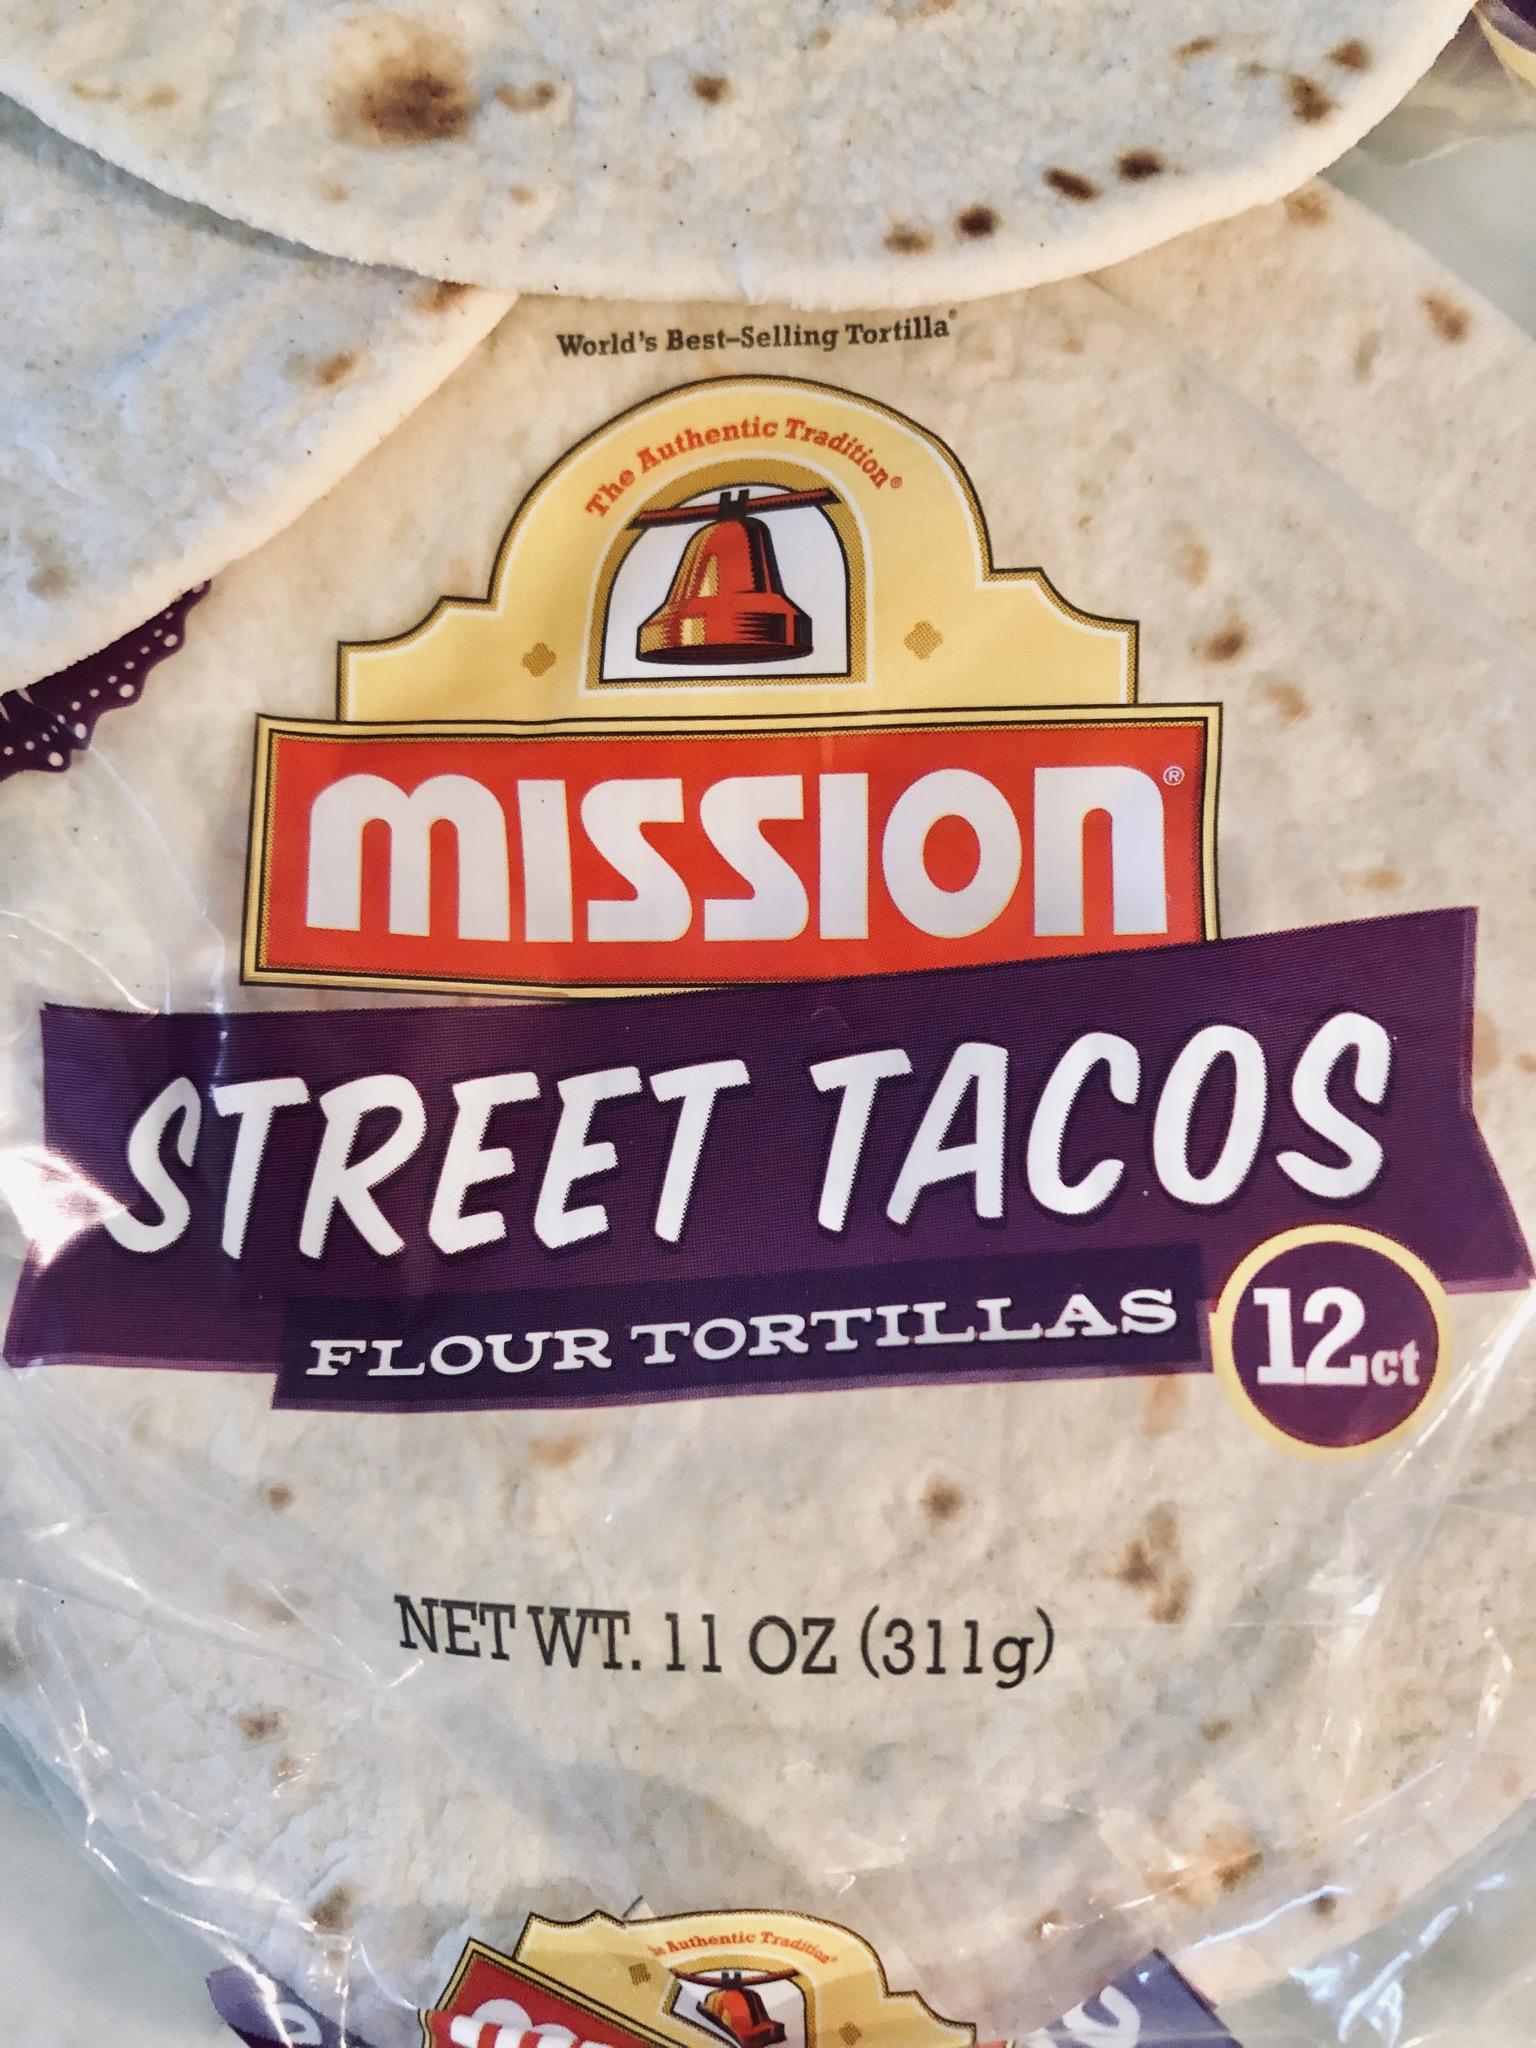 Street Tacos Superbowl Recipe